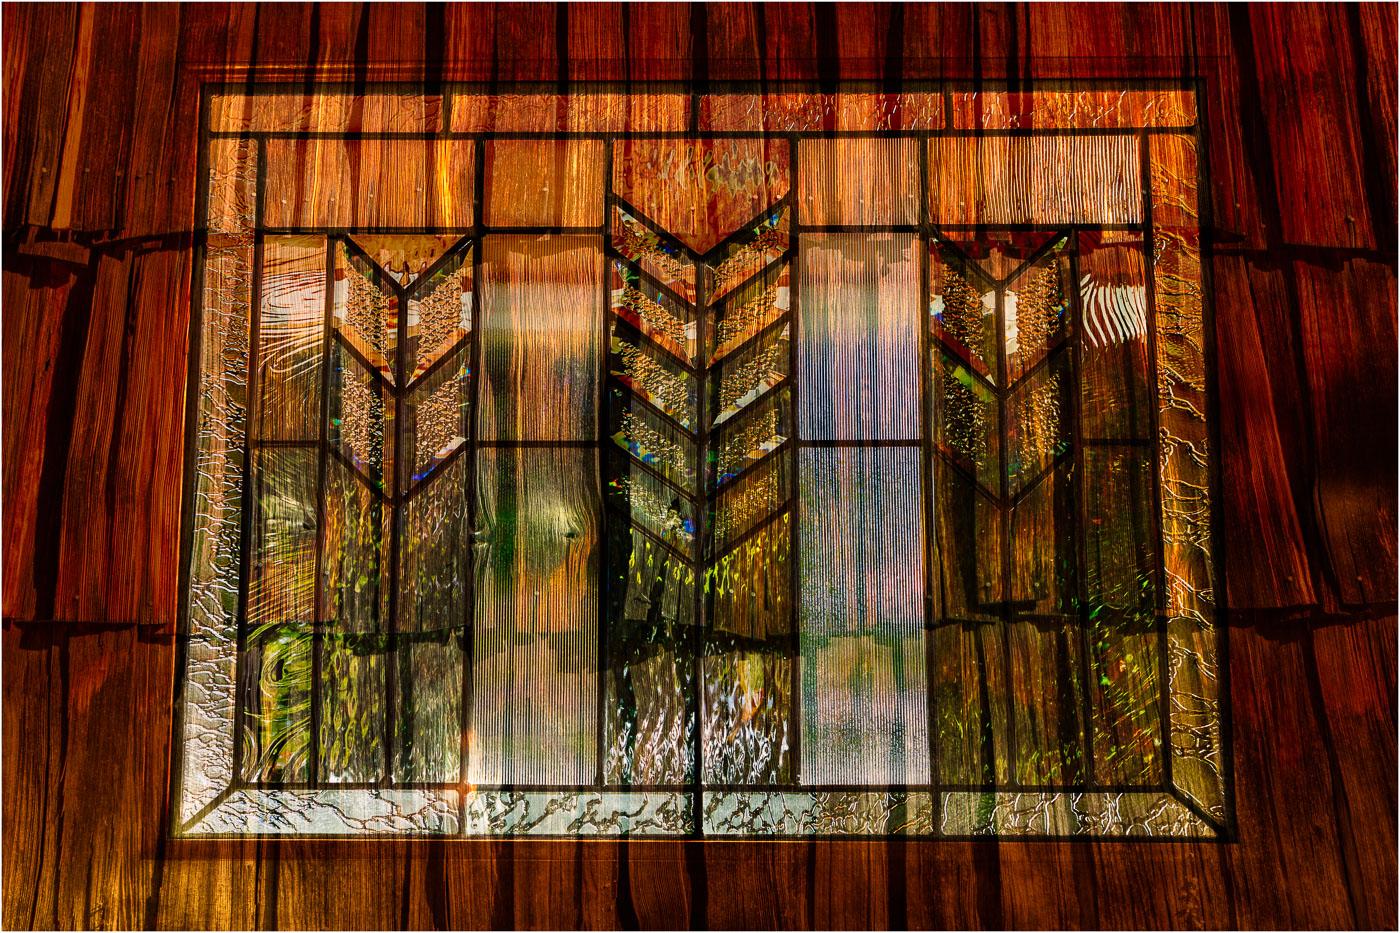 Window on Shingles Abstract - © - Sharon Jensen